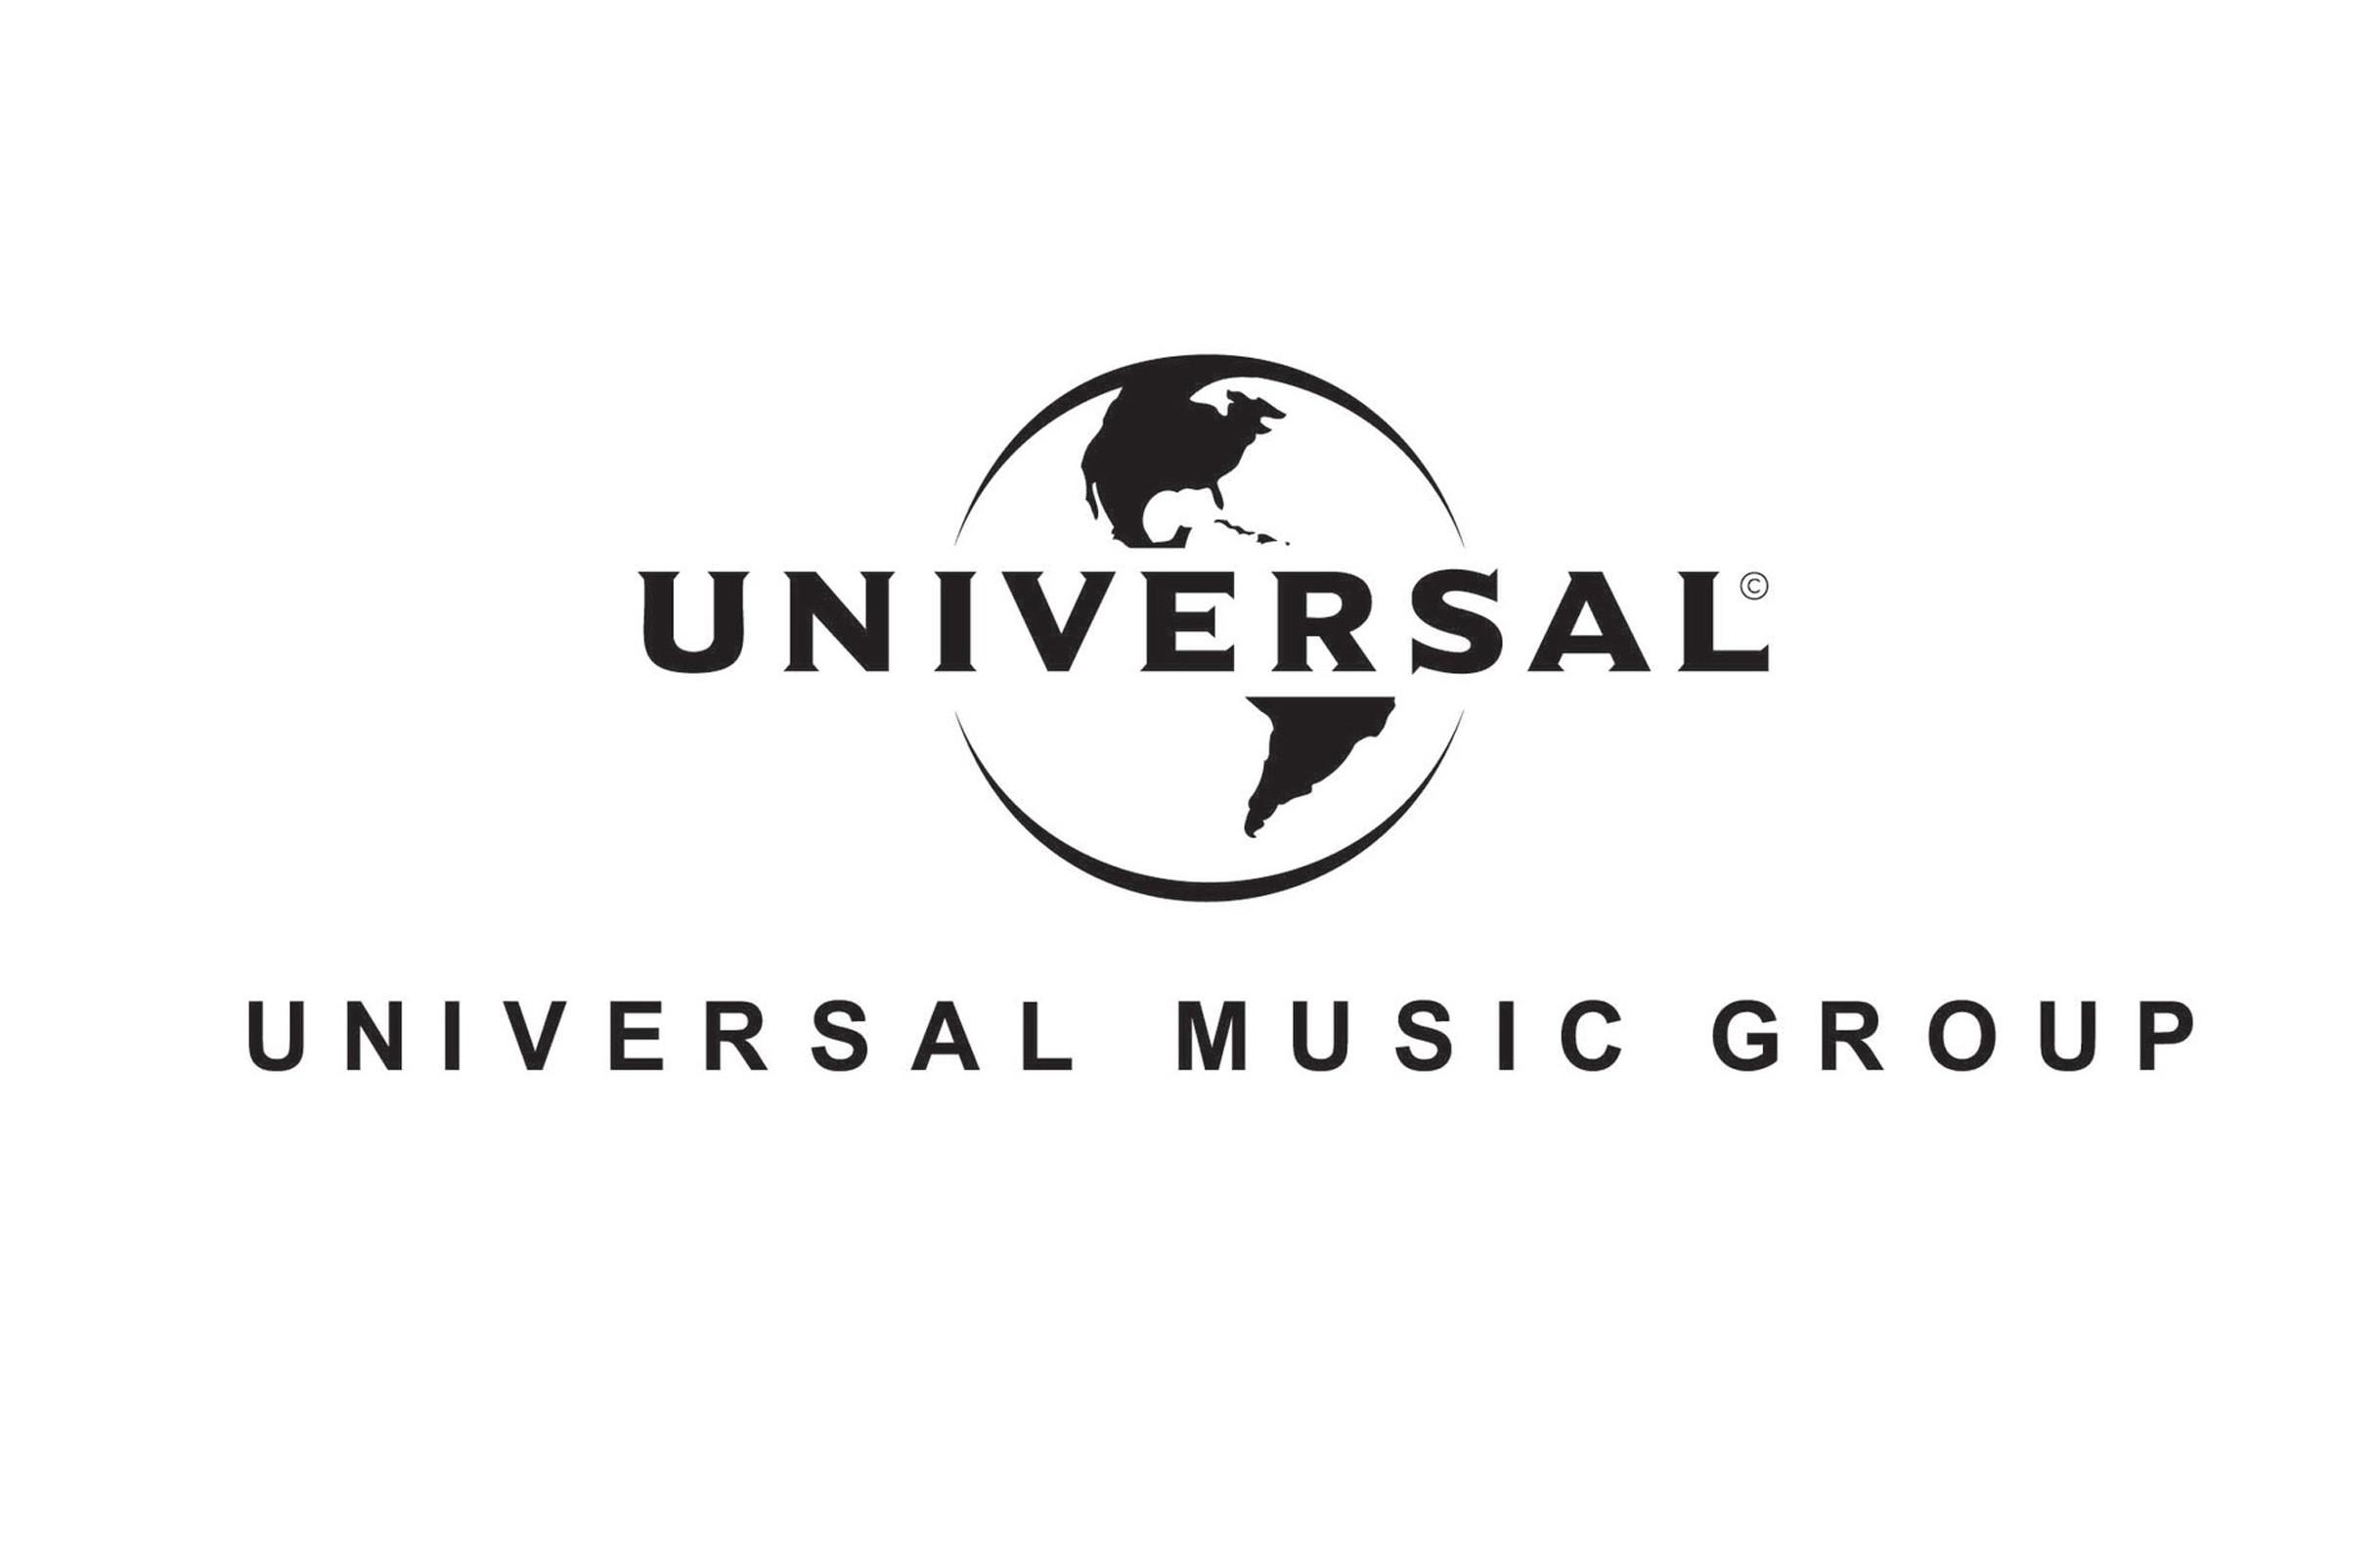 UNIVERSAL-MUSIC-GROUP1-e1383739847819.jpeg